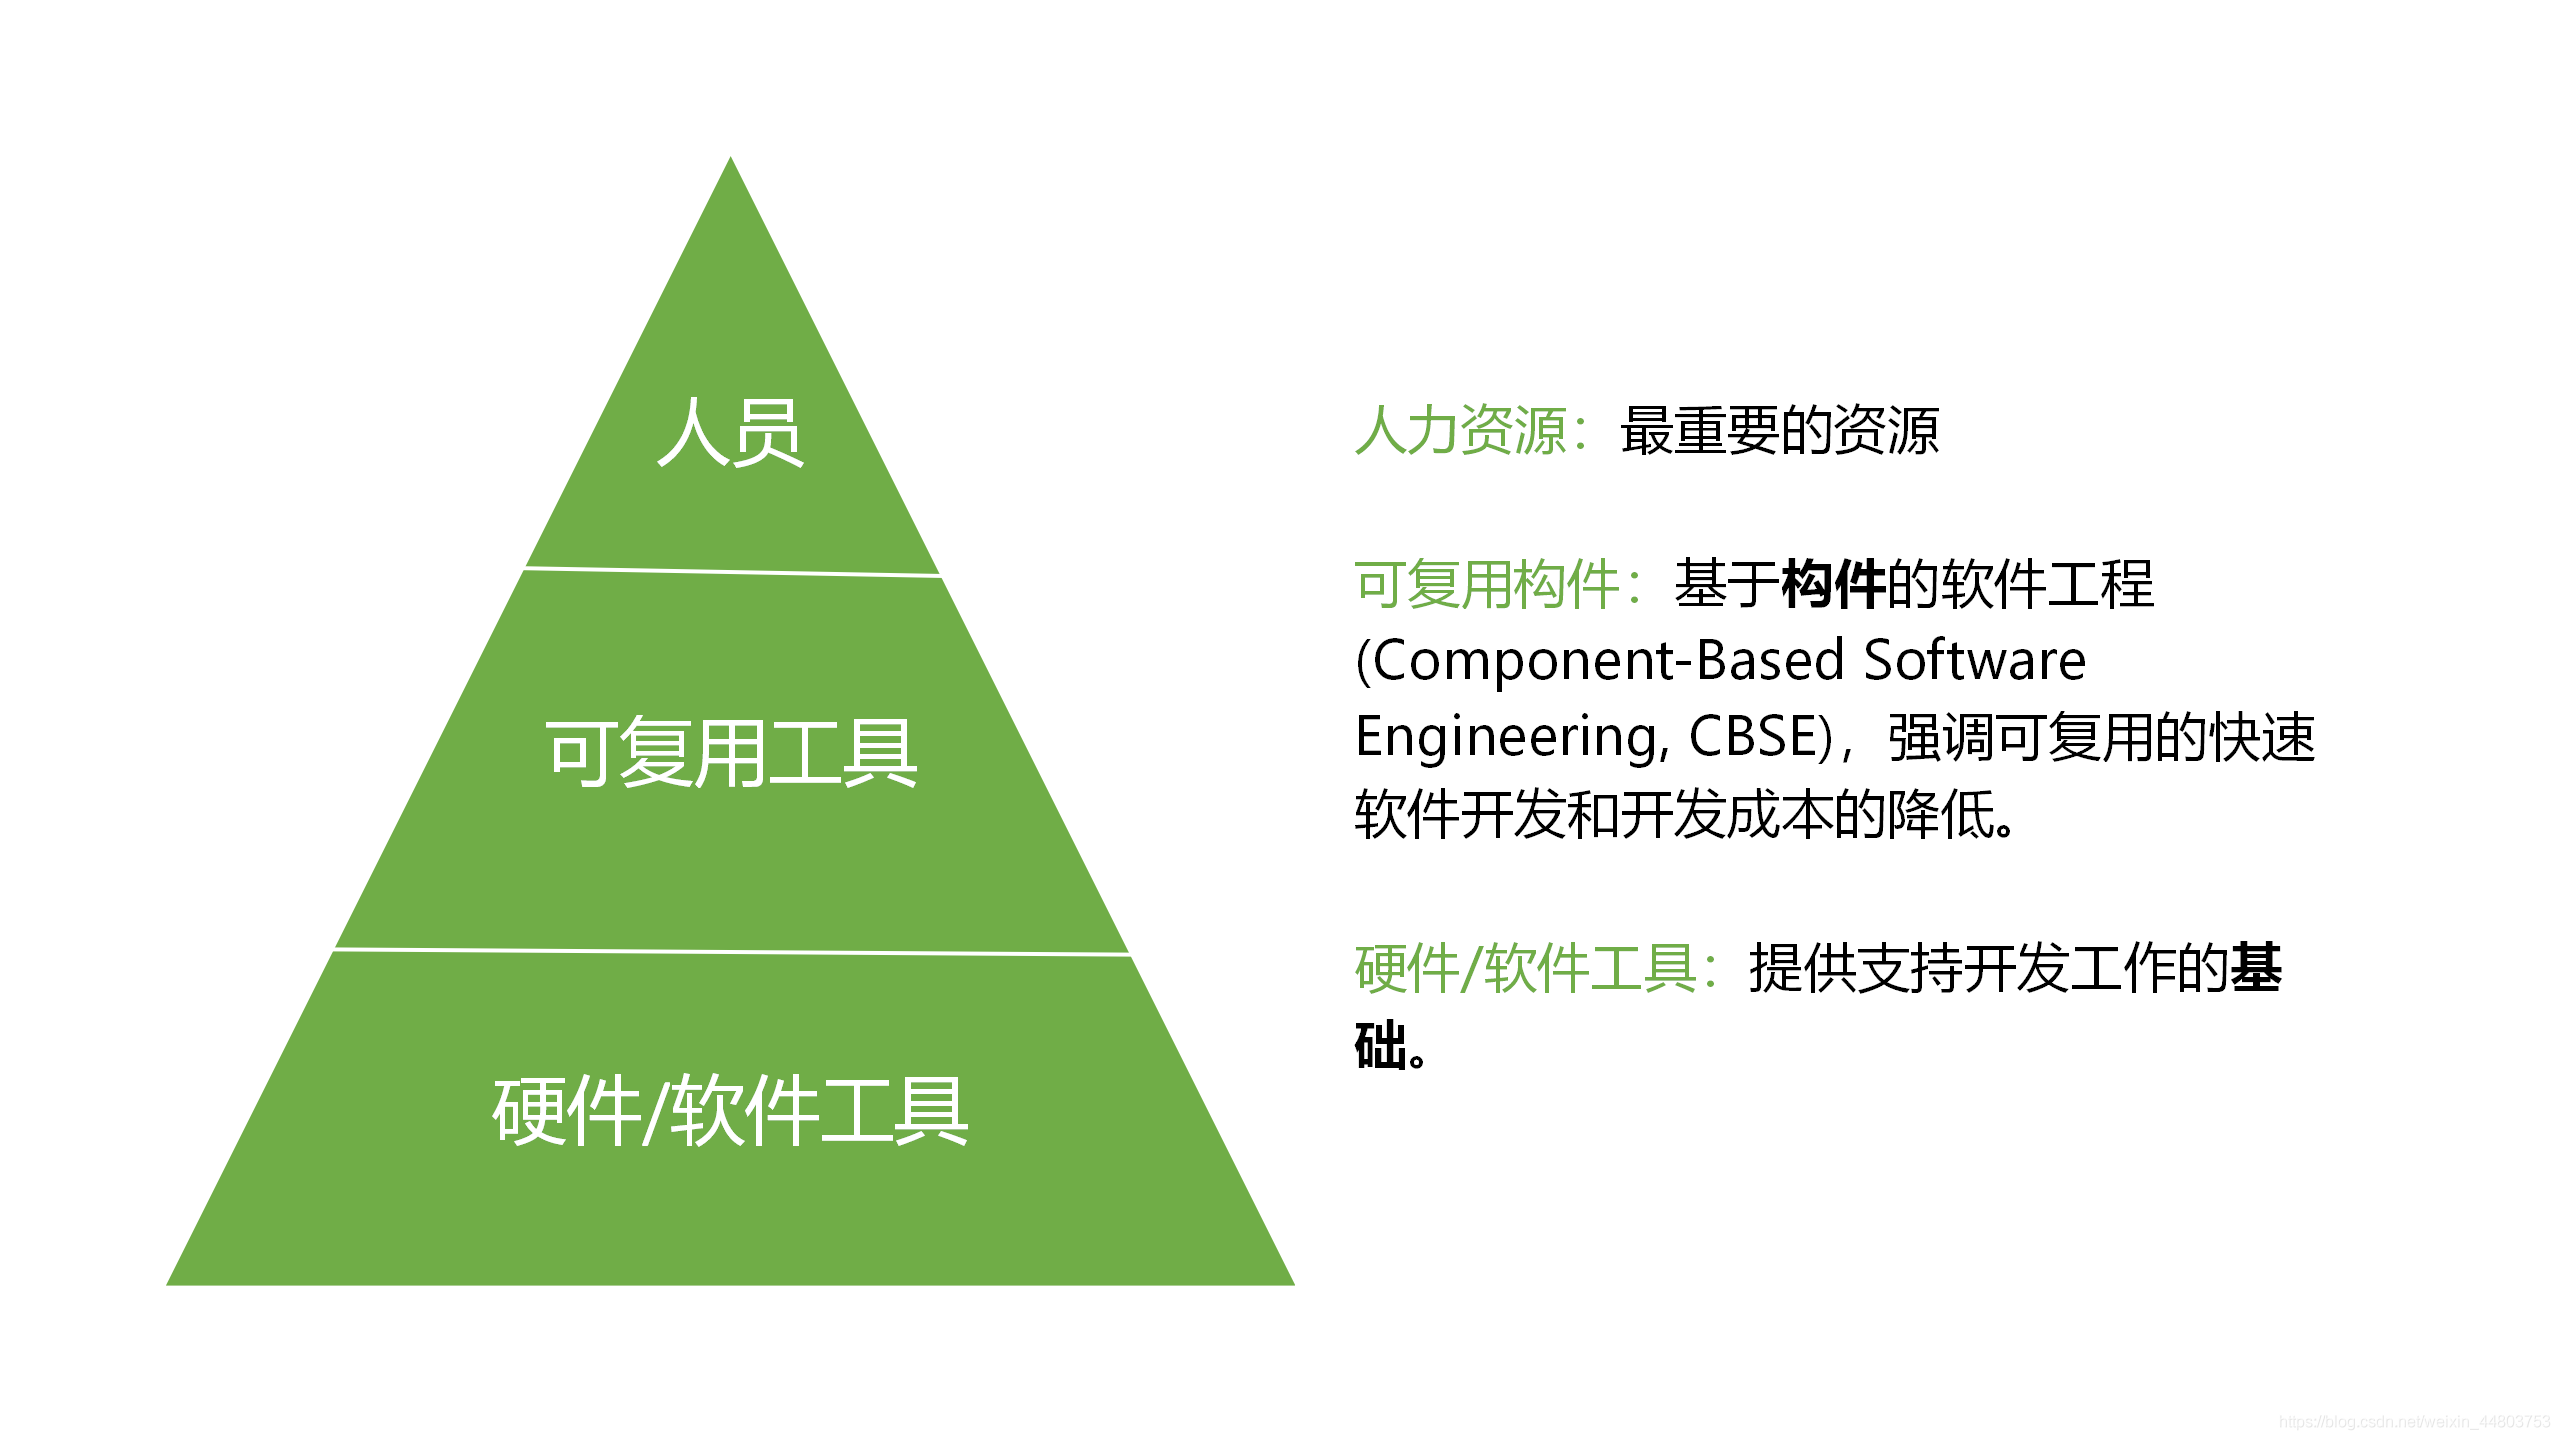 软件项目资源构成要素